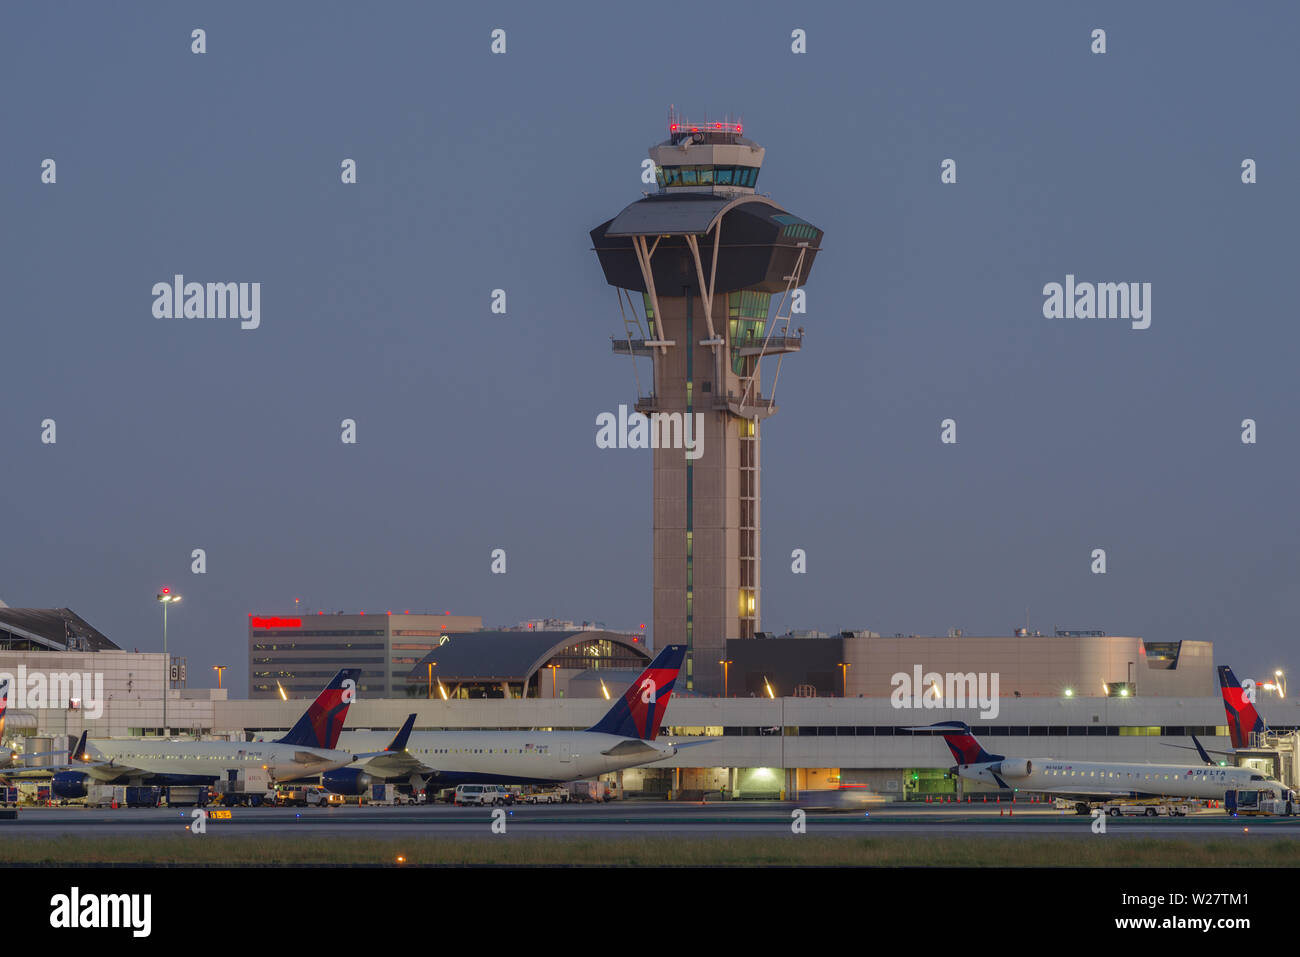 Imagen de la torre de control y Delta Air Lines chorros en la puerta en el Aeropuerto Internacional de Los Angeles, LAX, al anochecer. Foto de stock